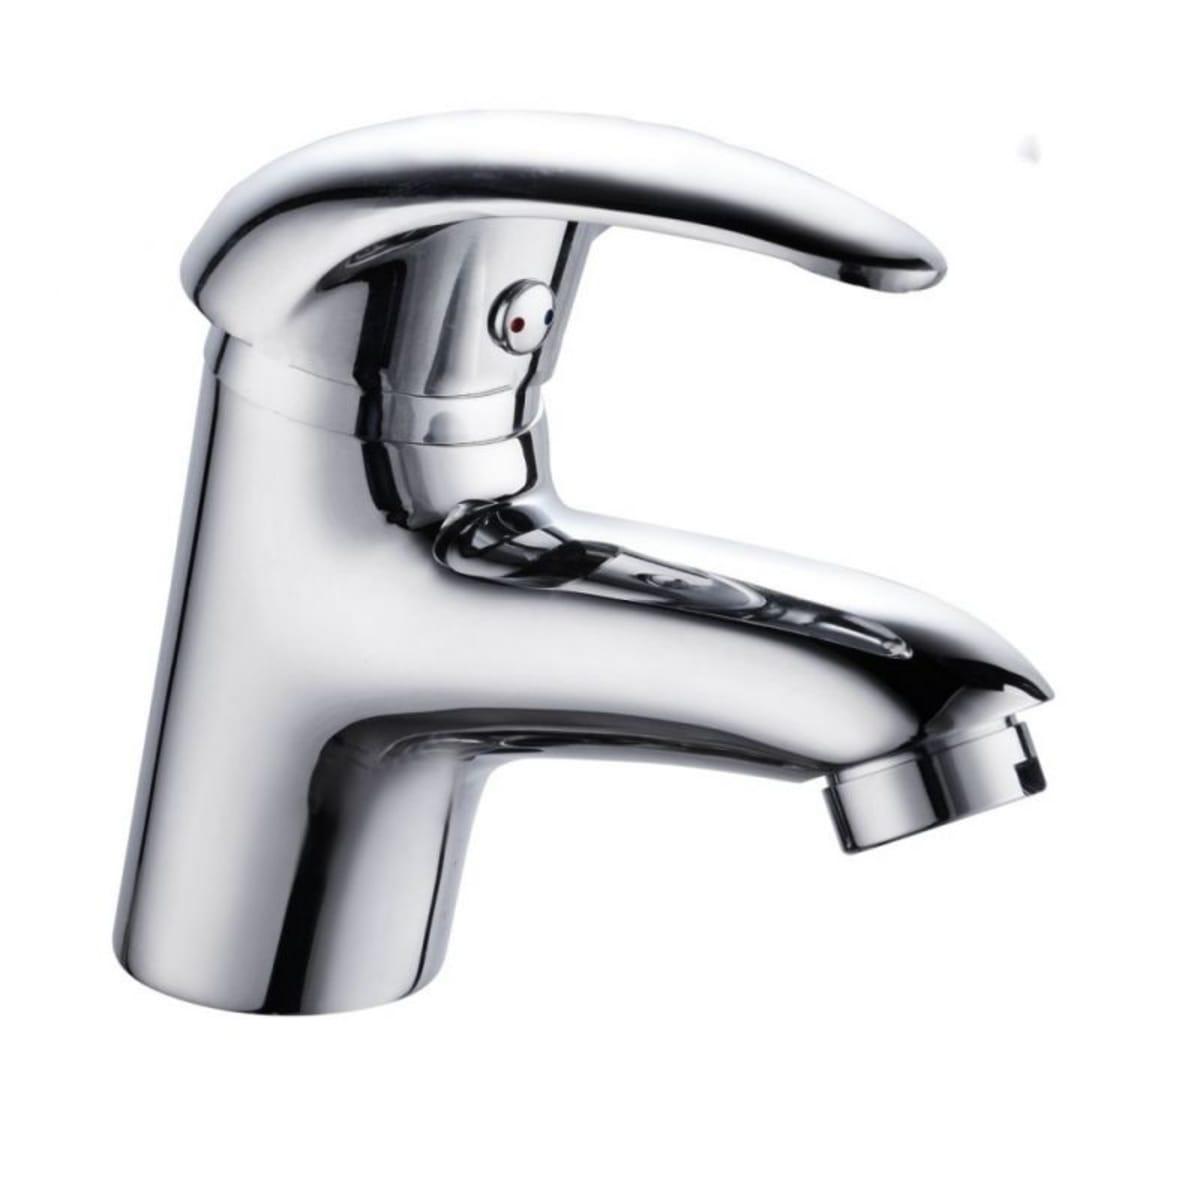 Смеситель для раковины Gross Aqua Basic 6226257C